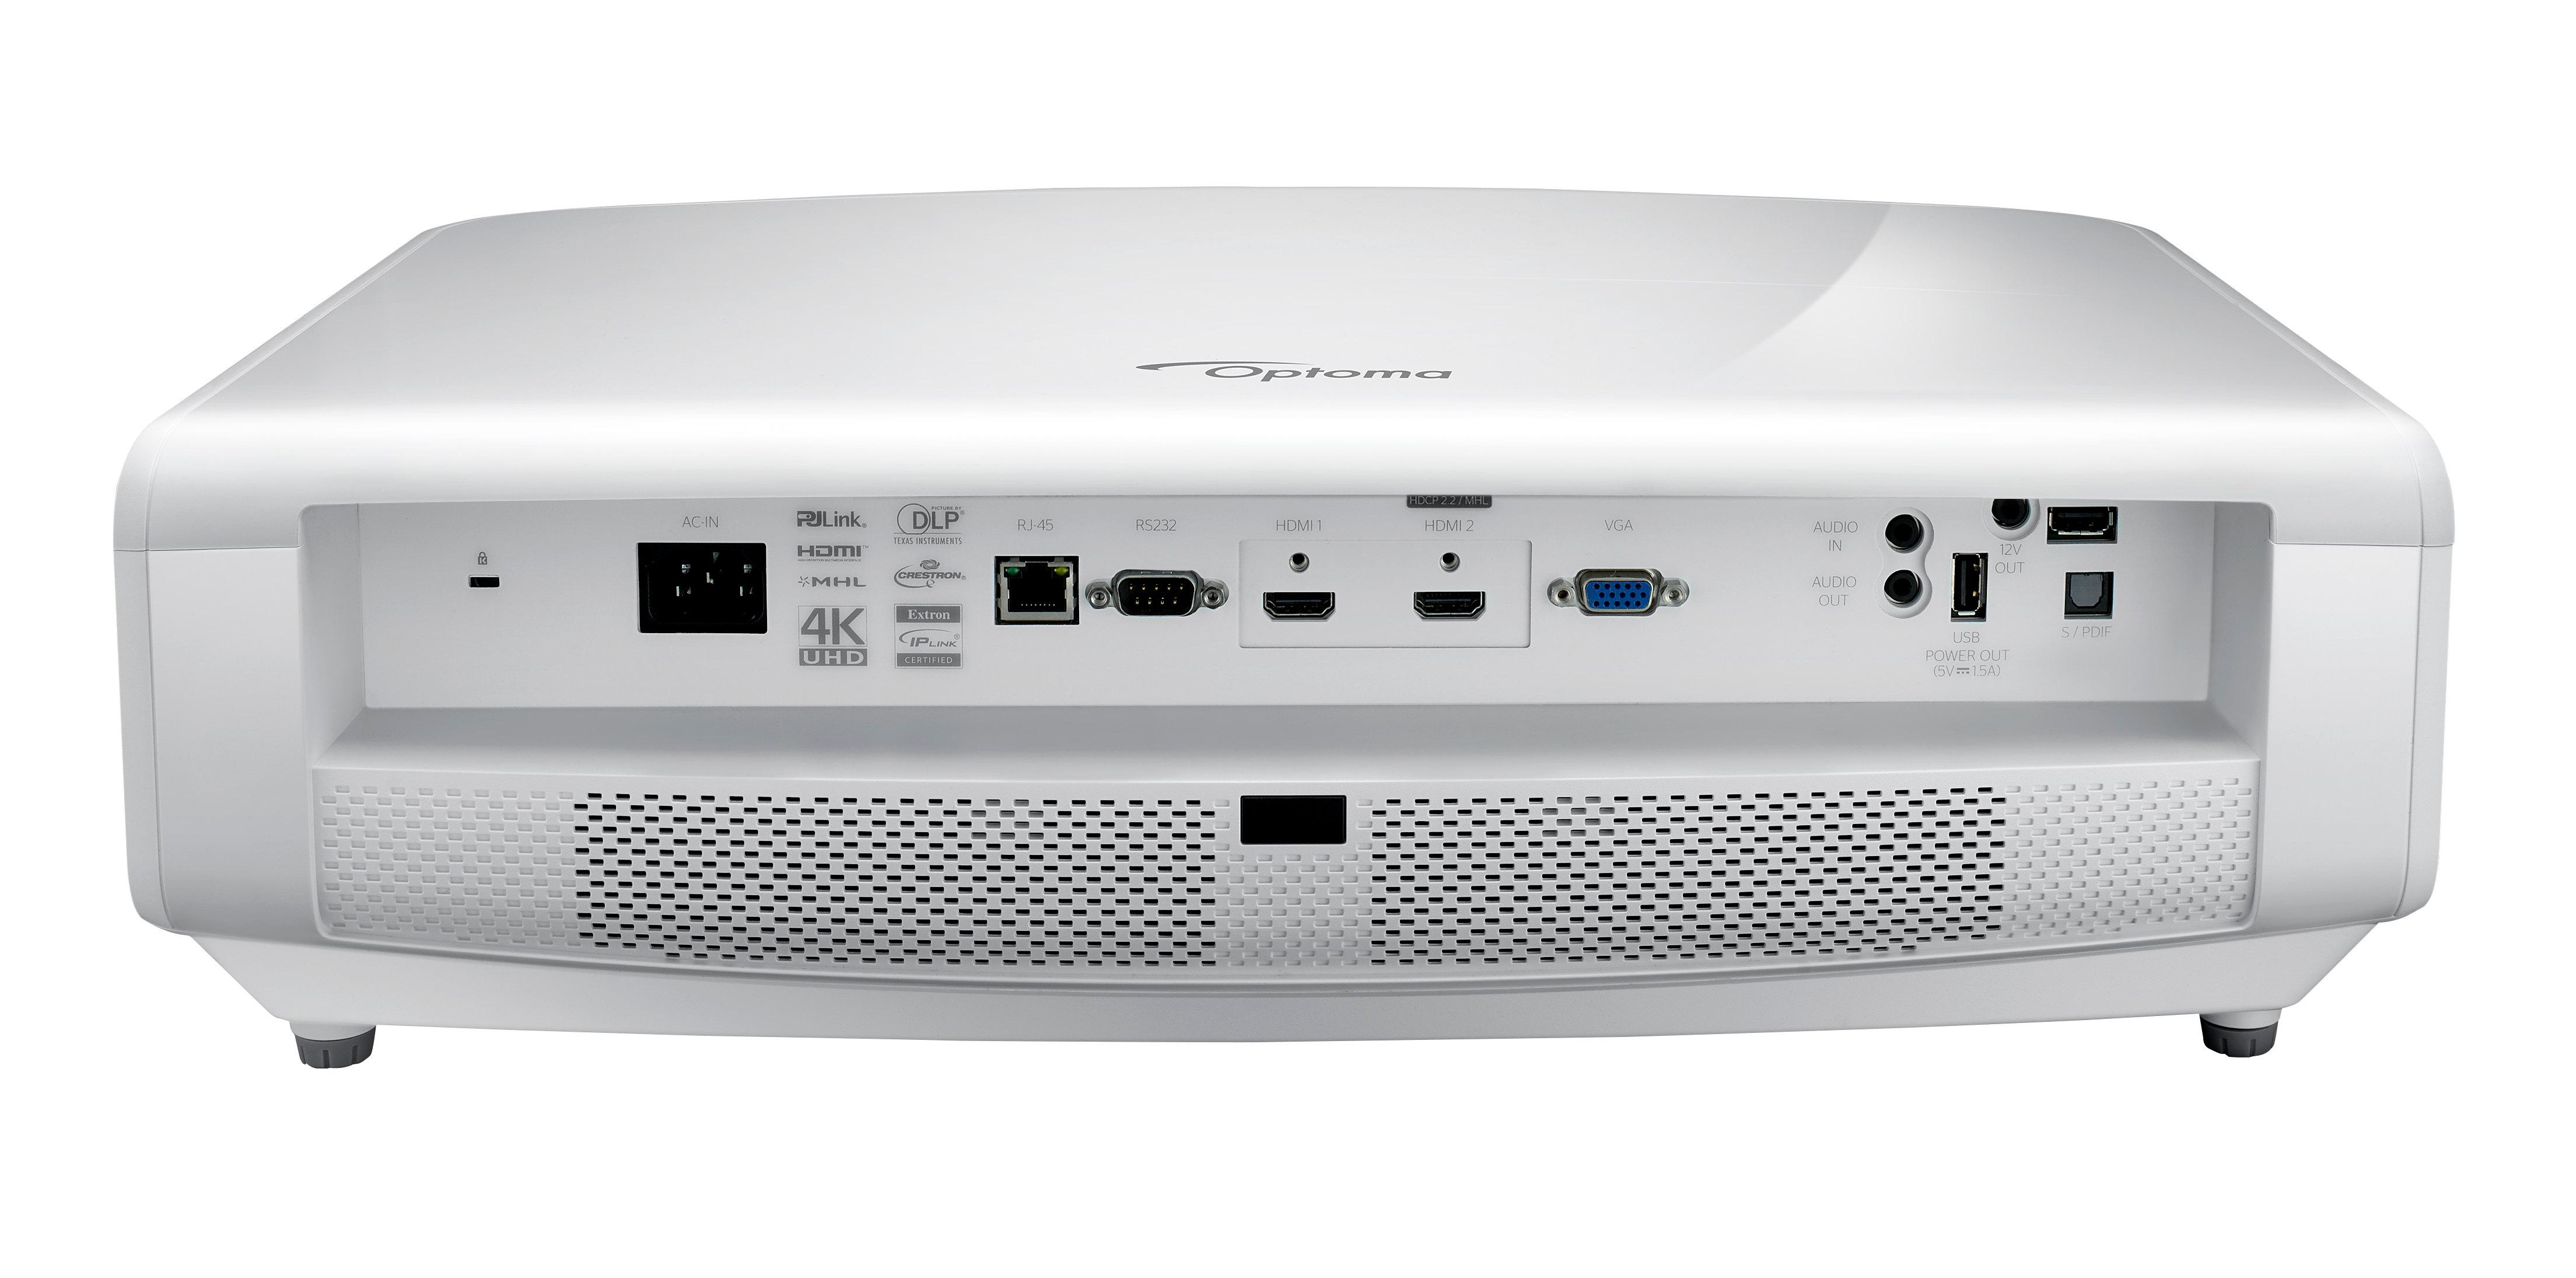 3000 Lumen 4K/UHD/HD Projector